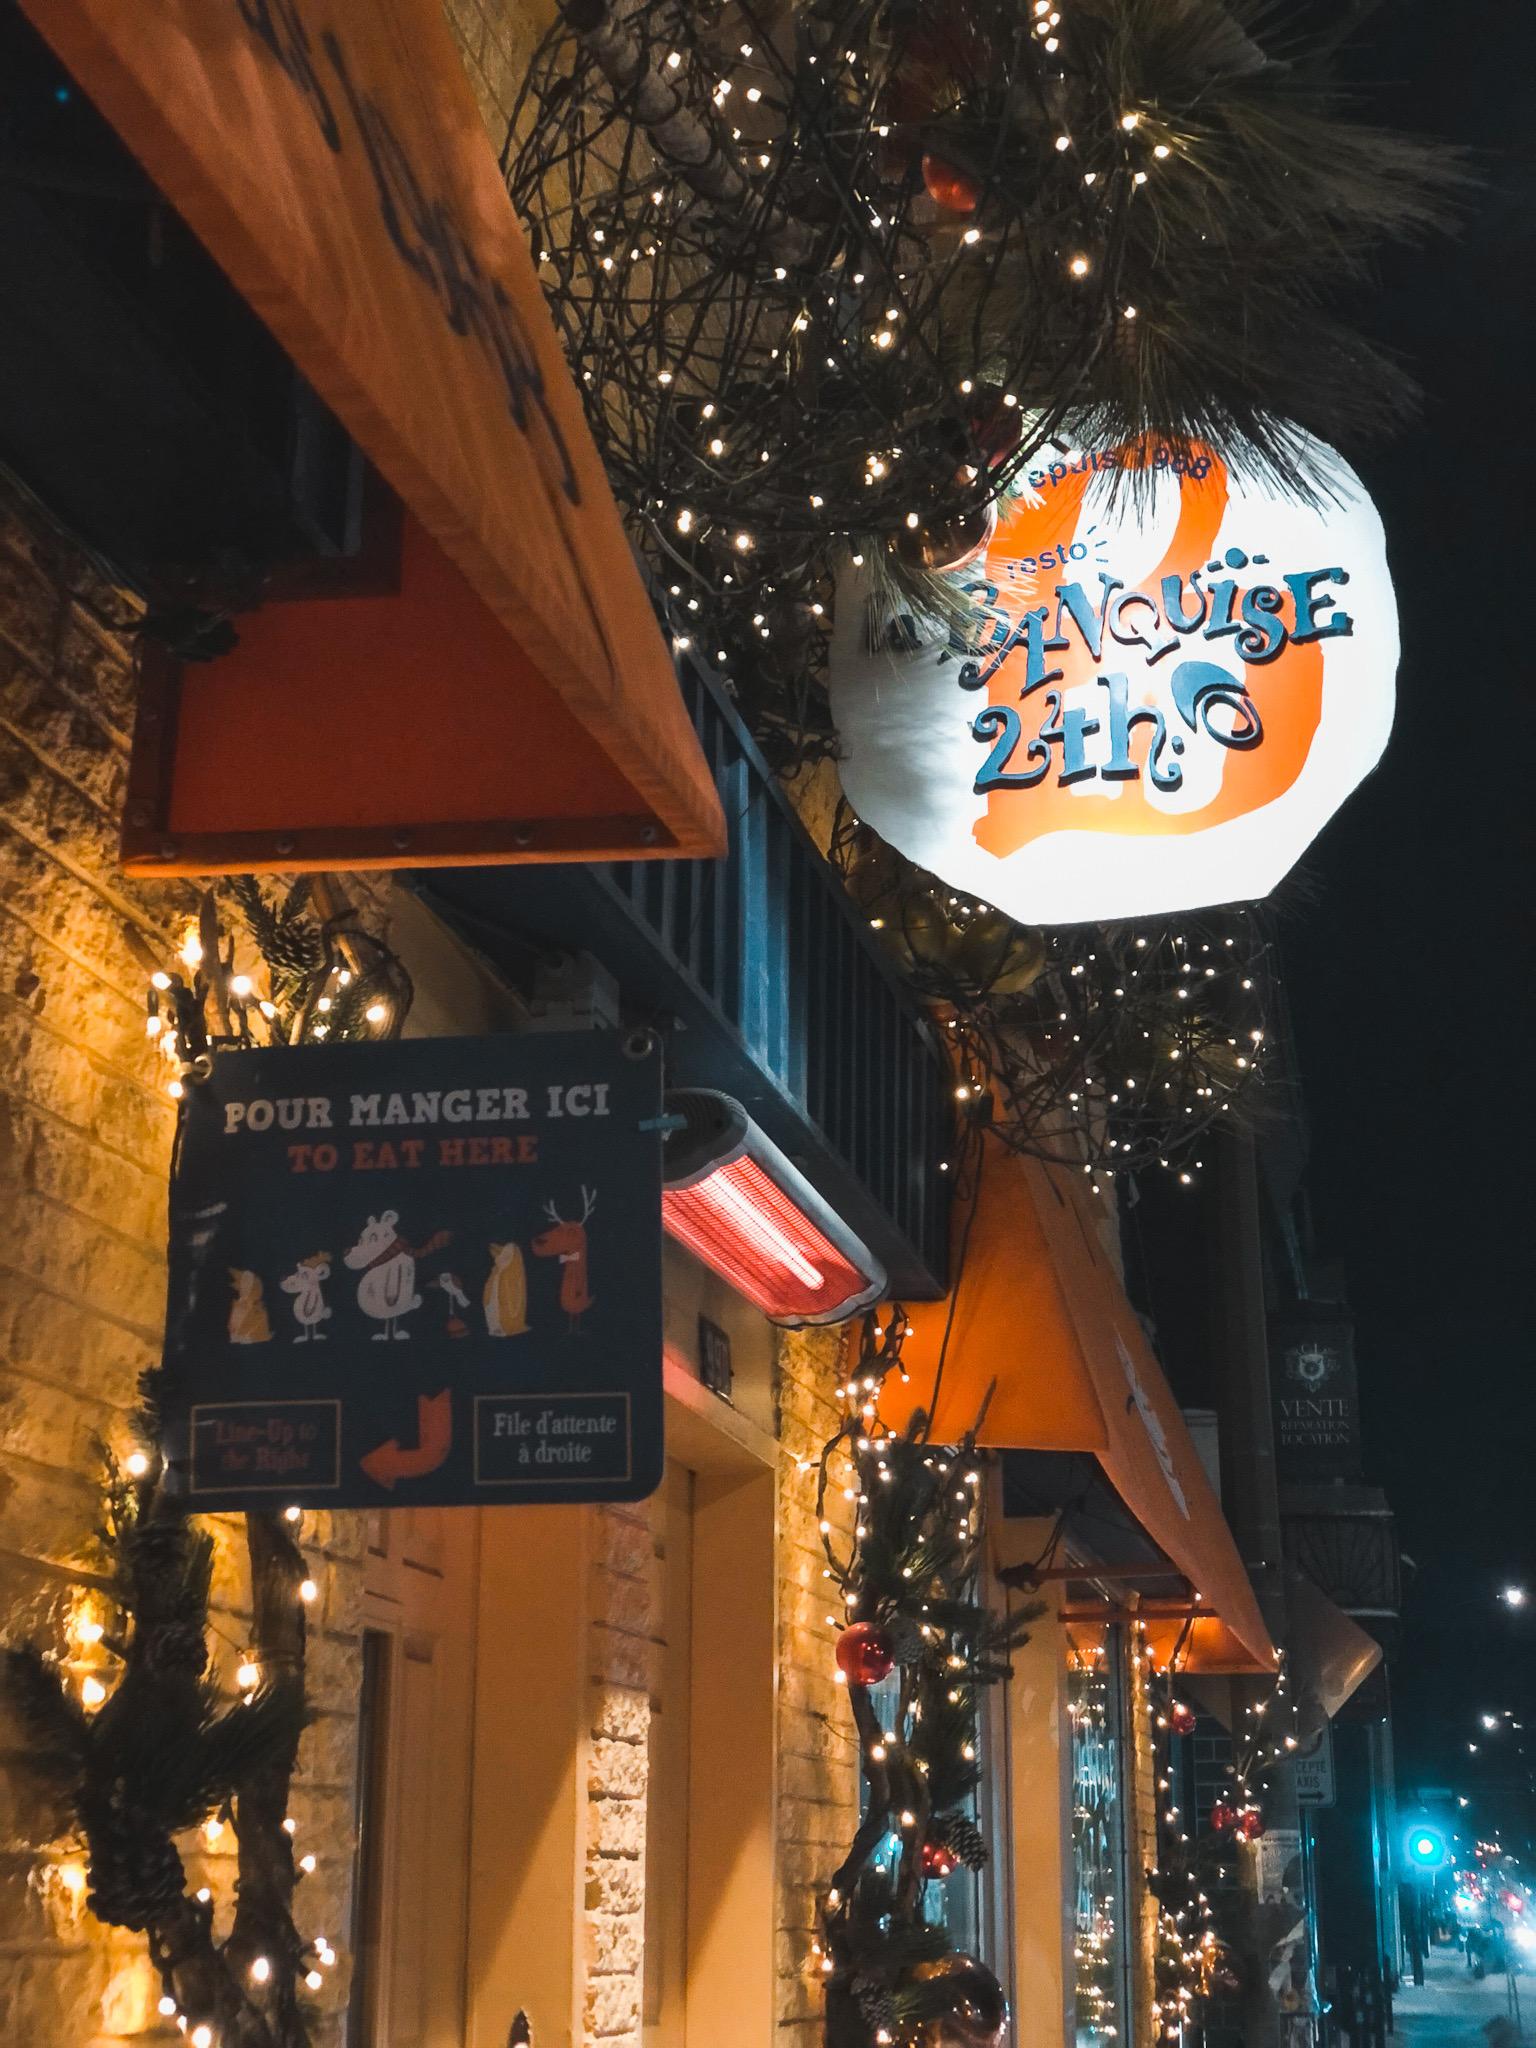 Restaurant La Banquise Montreal